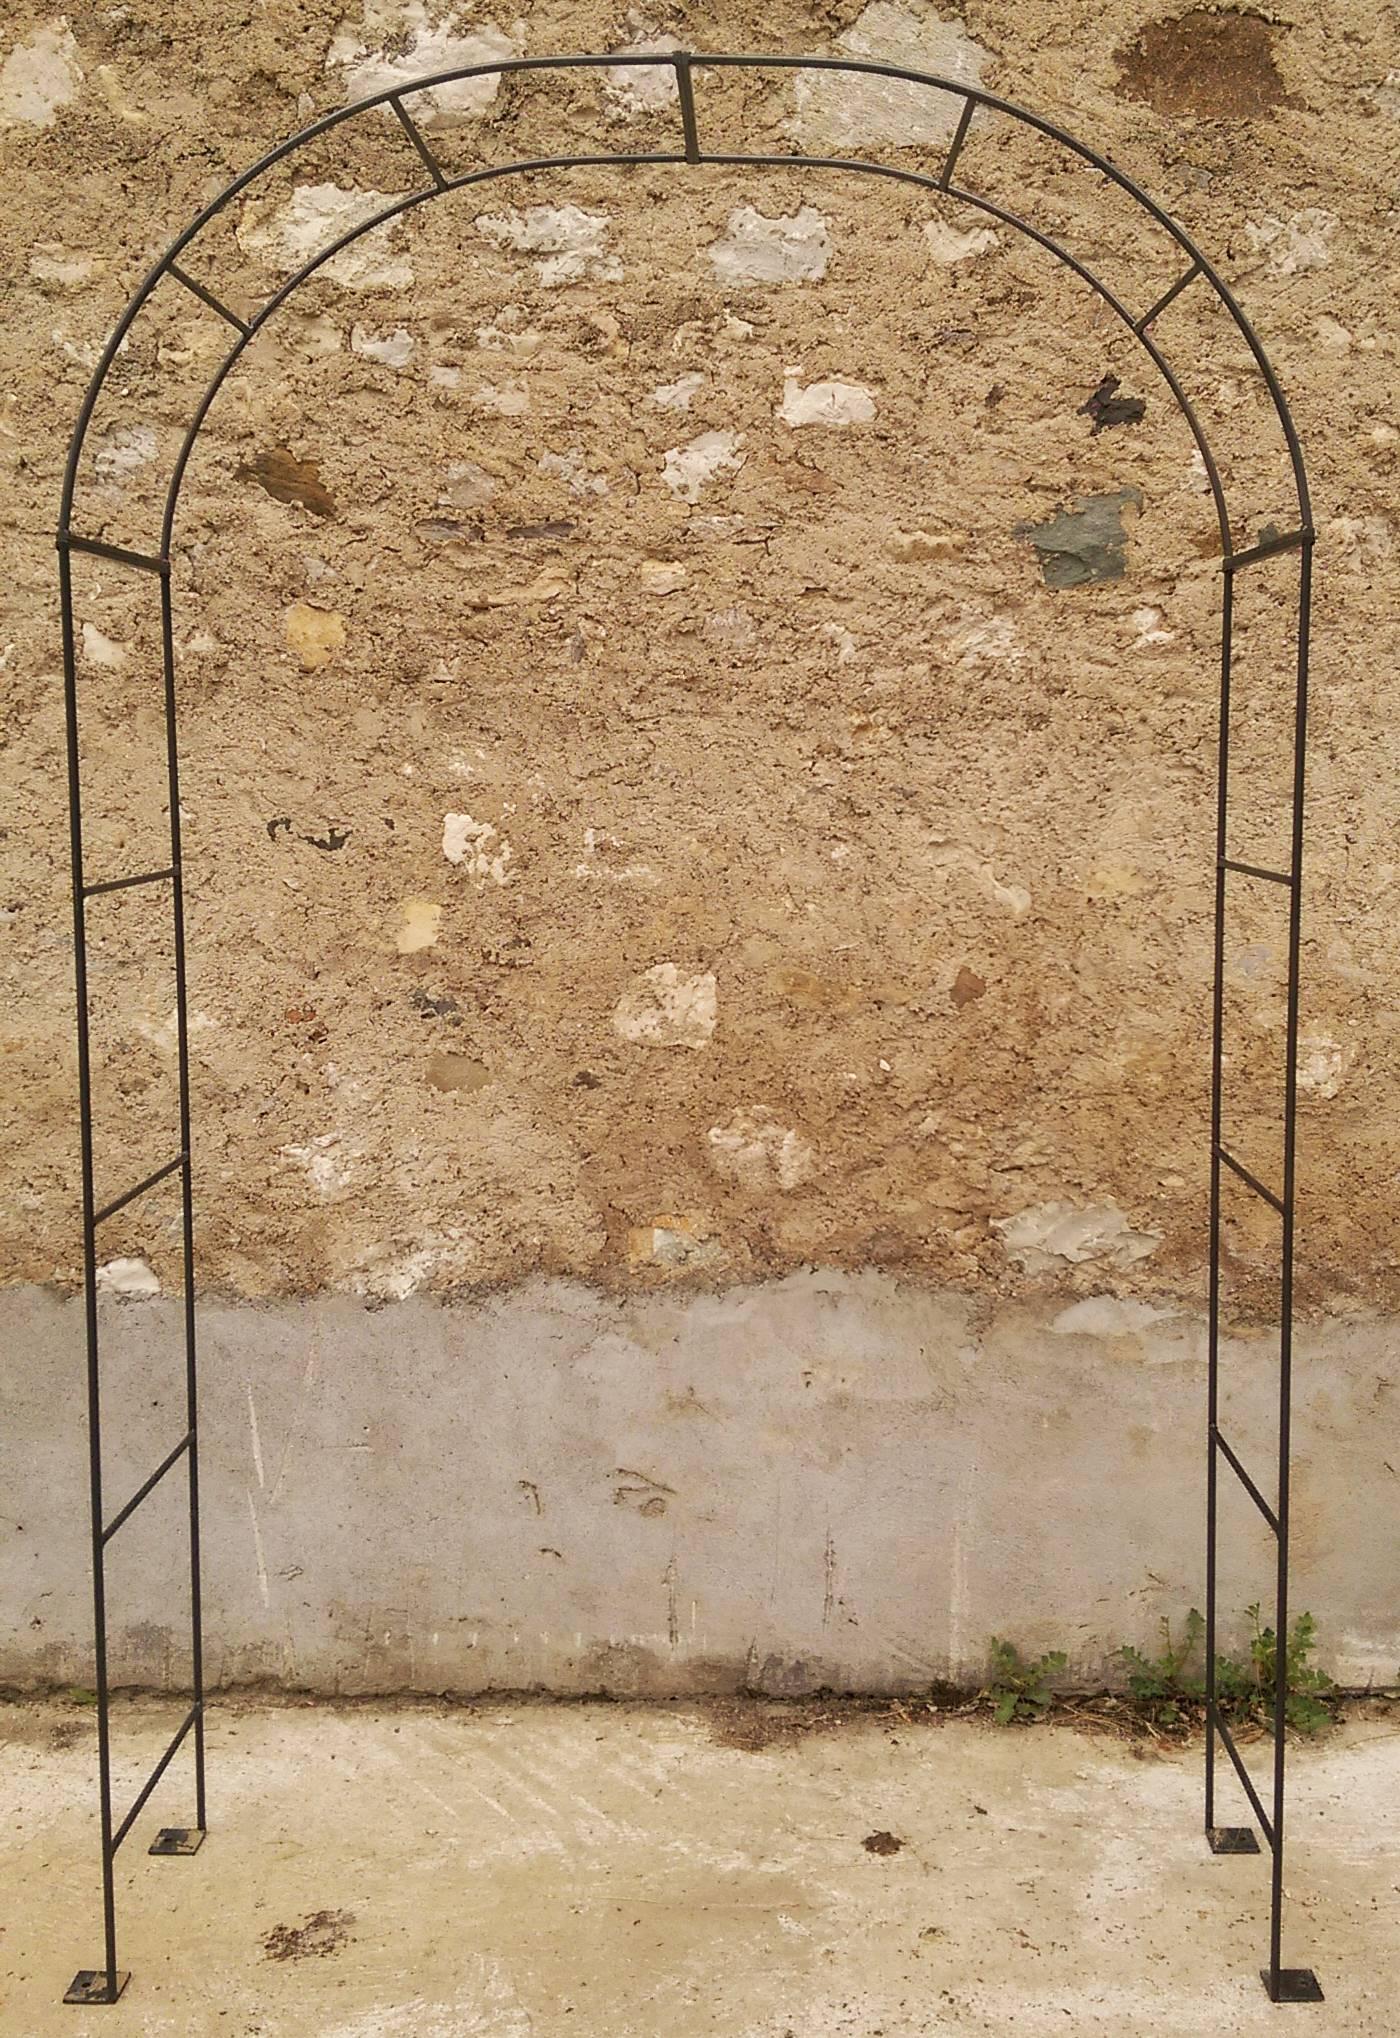 Arche Simple Arche À Fleurs Rosiers Tuteur Plantes De Jardin ... tout Arche De Jardin En Fer Forgé